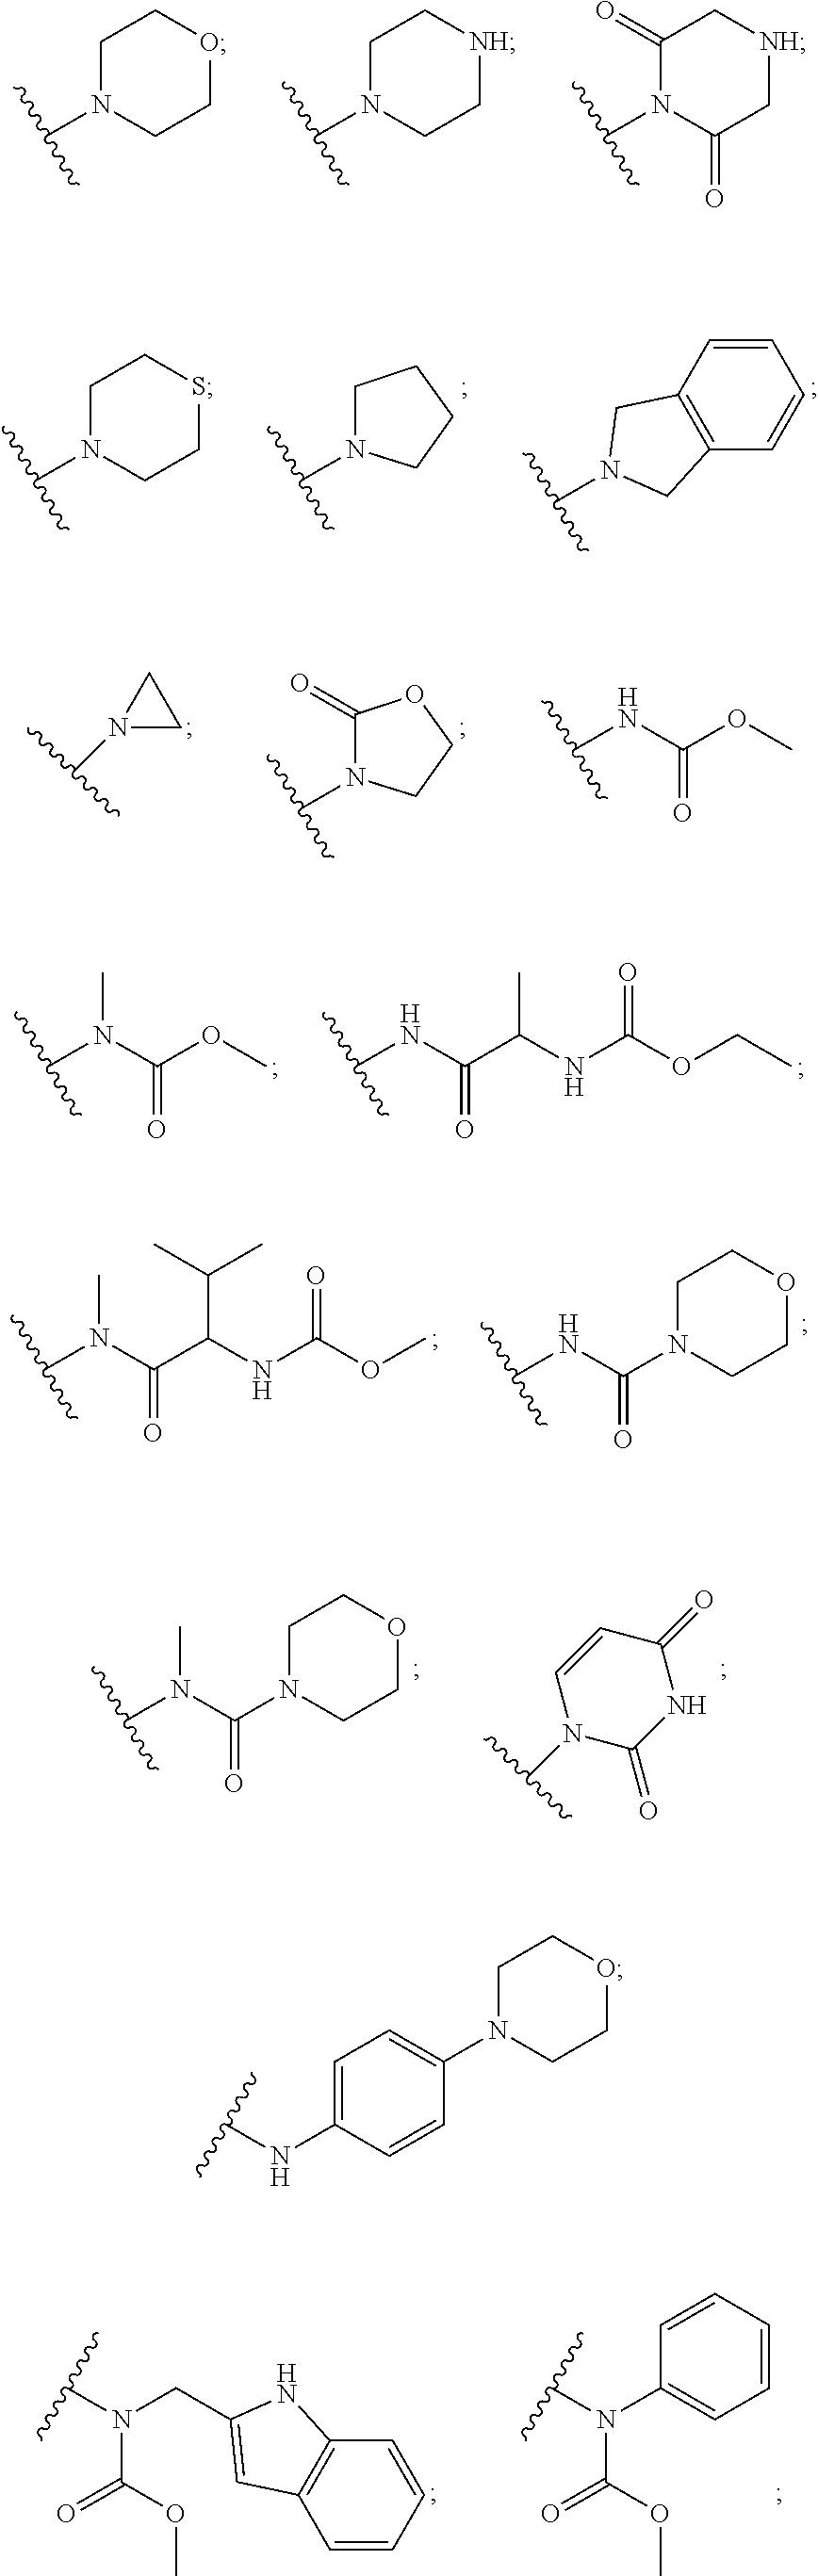 Figure US09669095-20170606-C00063